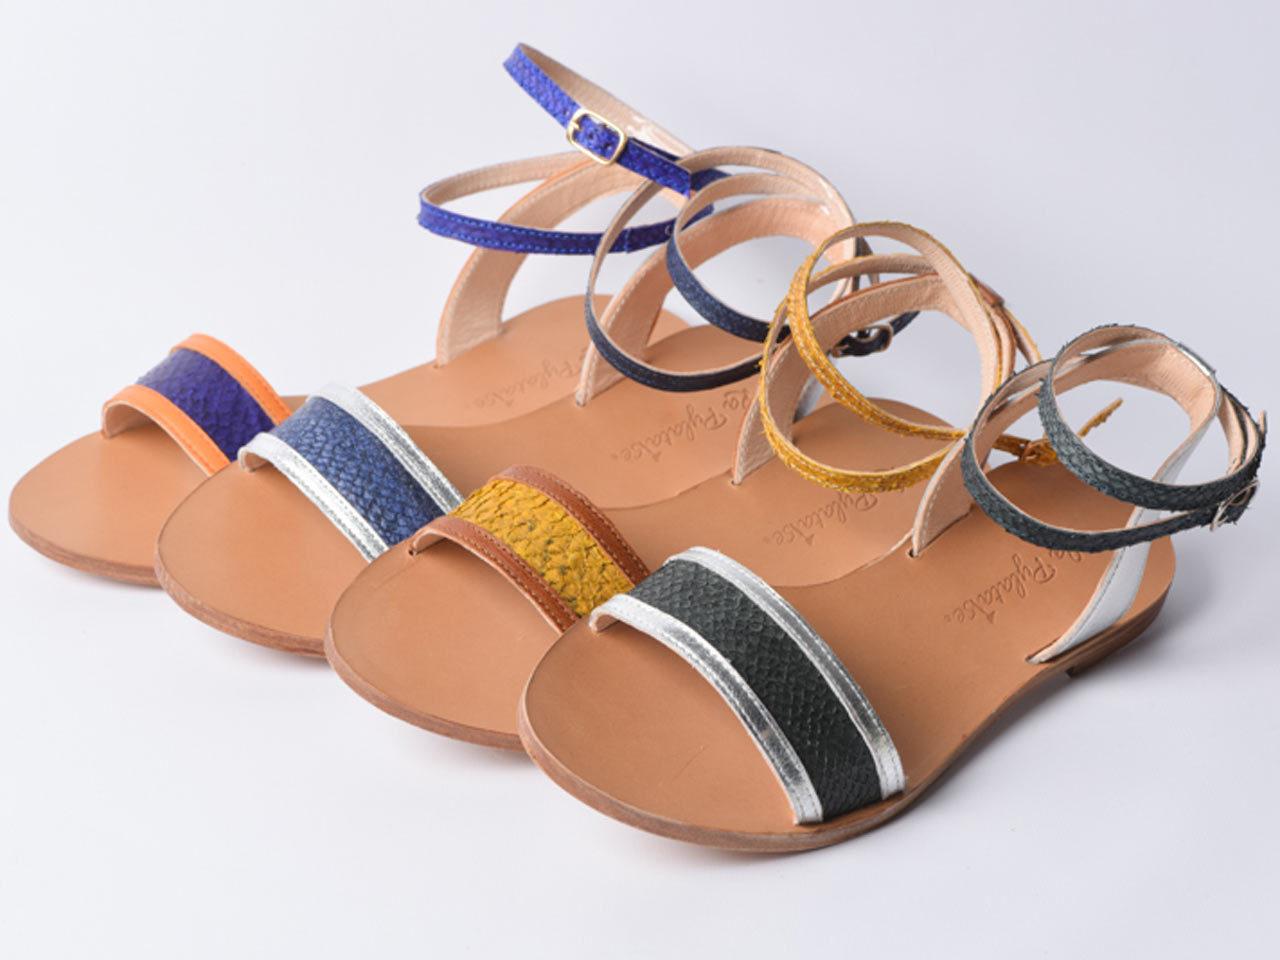 Sandales La Pylataise